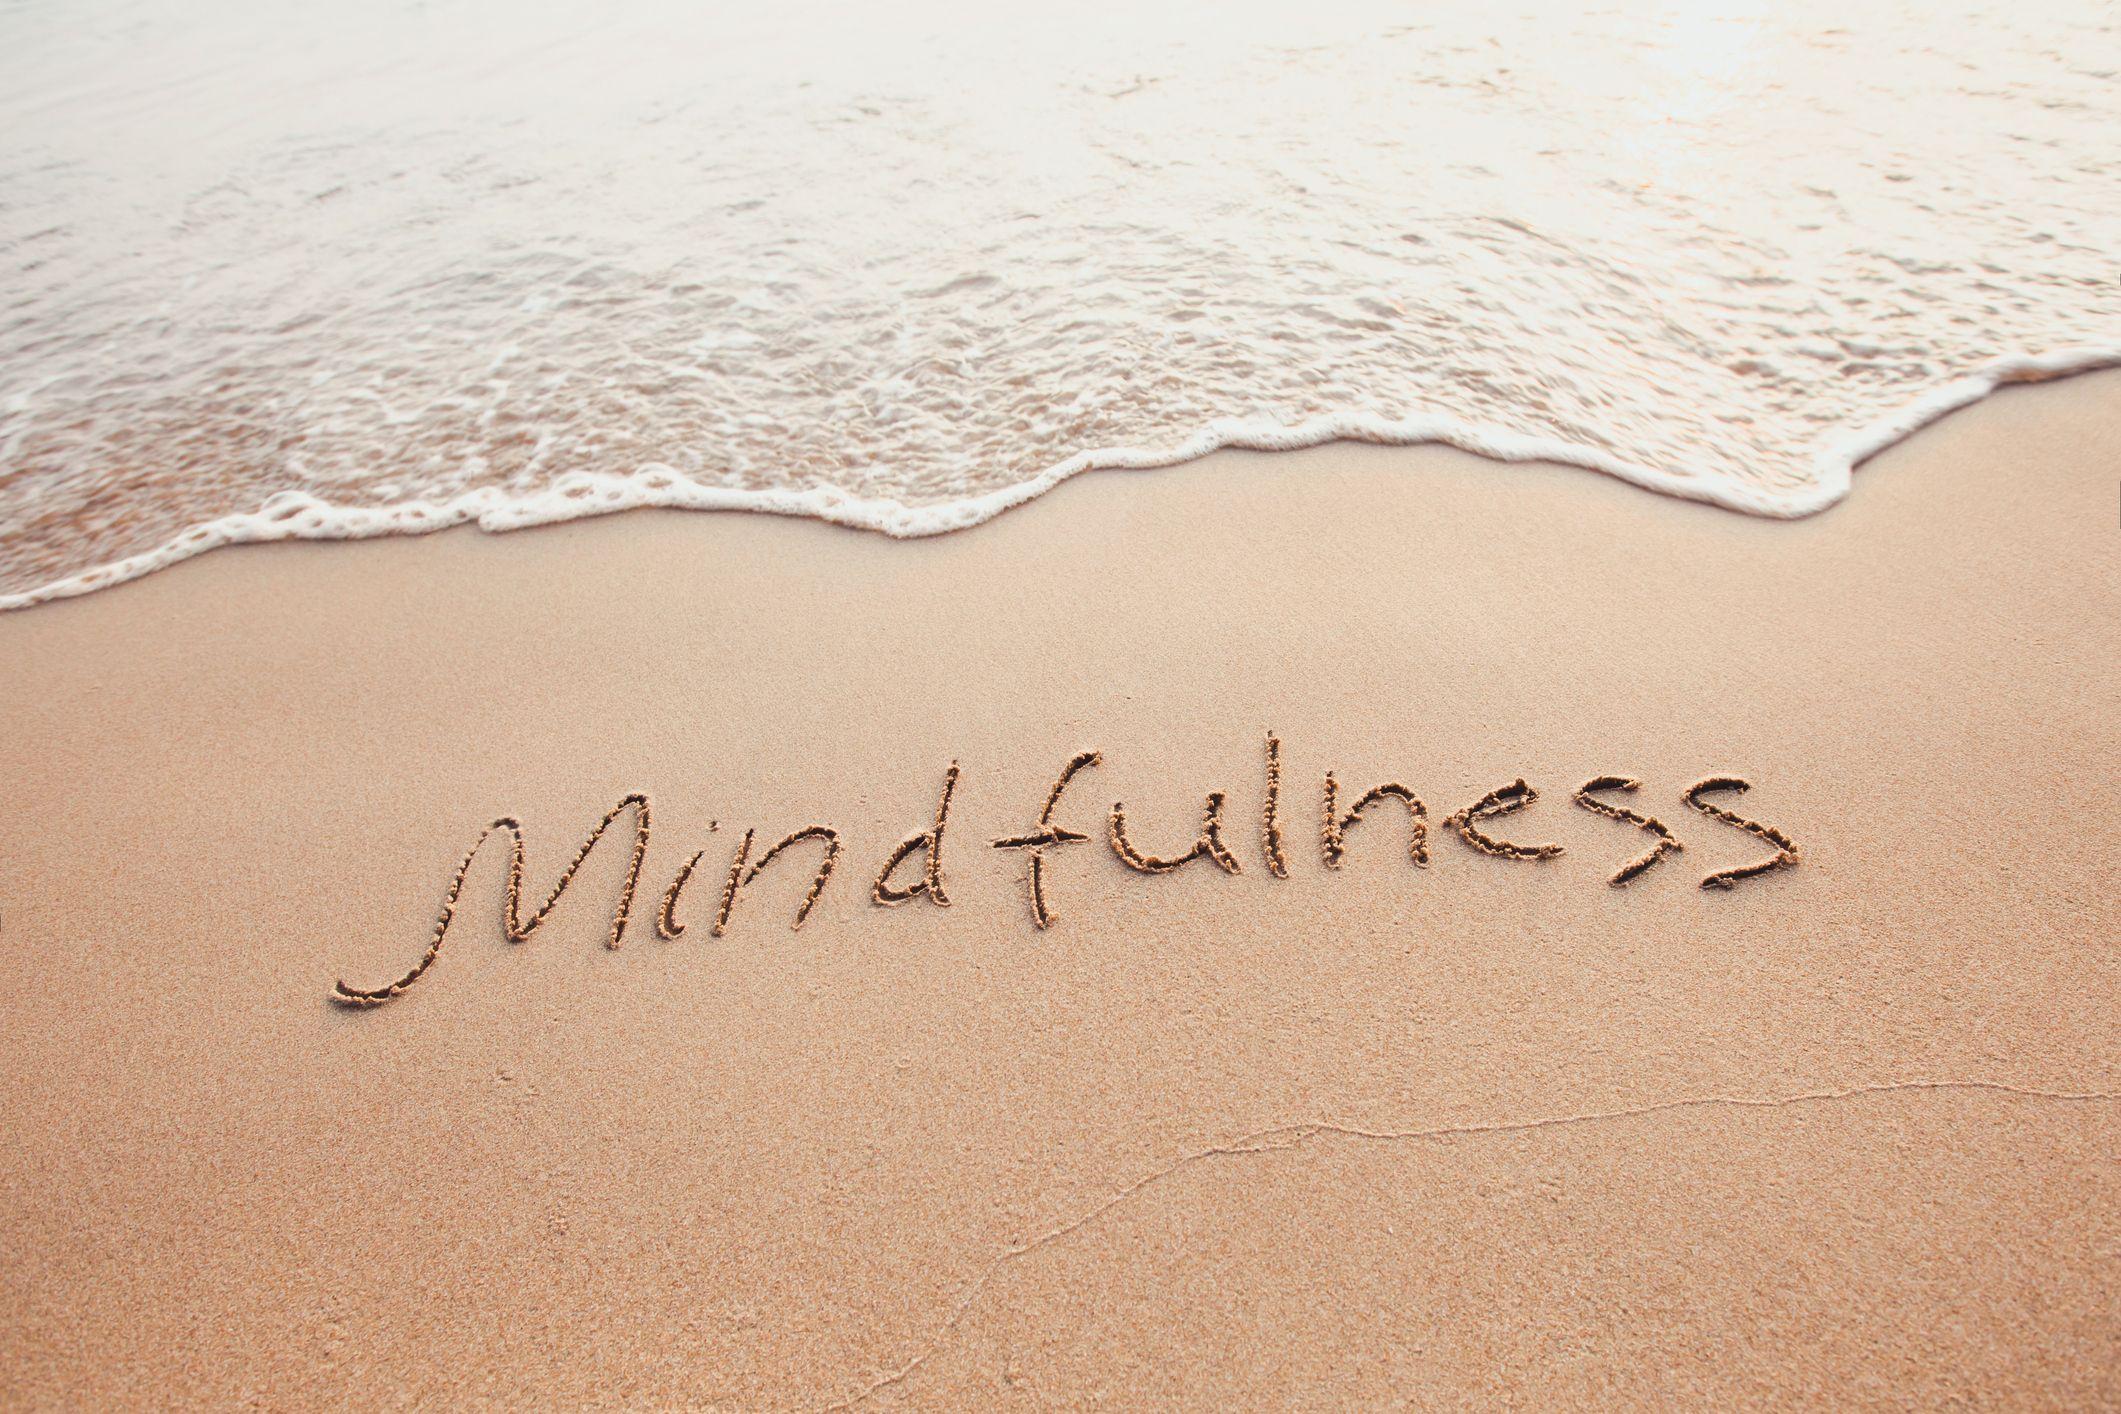 El mindfulness se centra en la atención plena en el momento presente sin juzgar nuestros pensamientos o sentimientos.